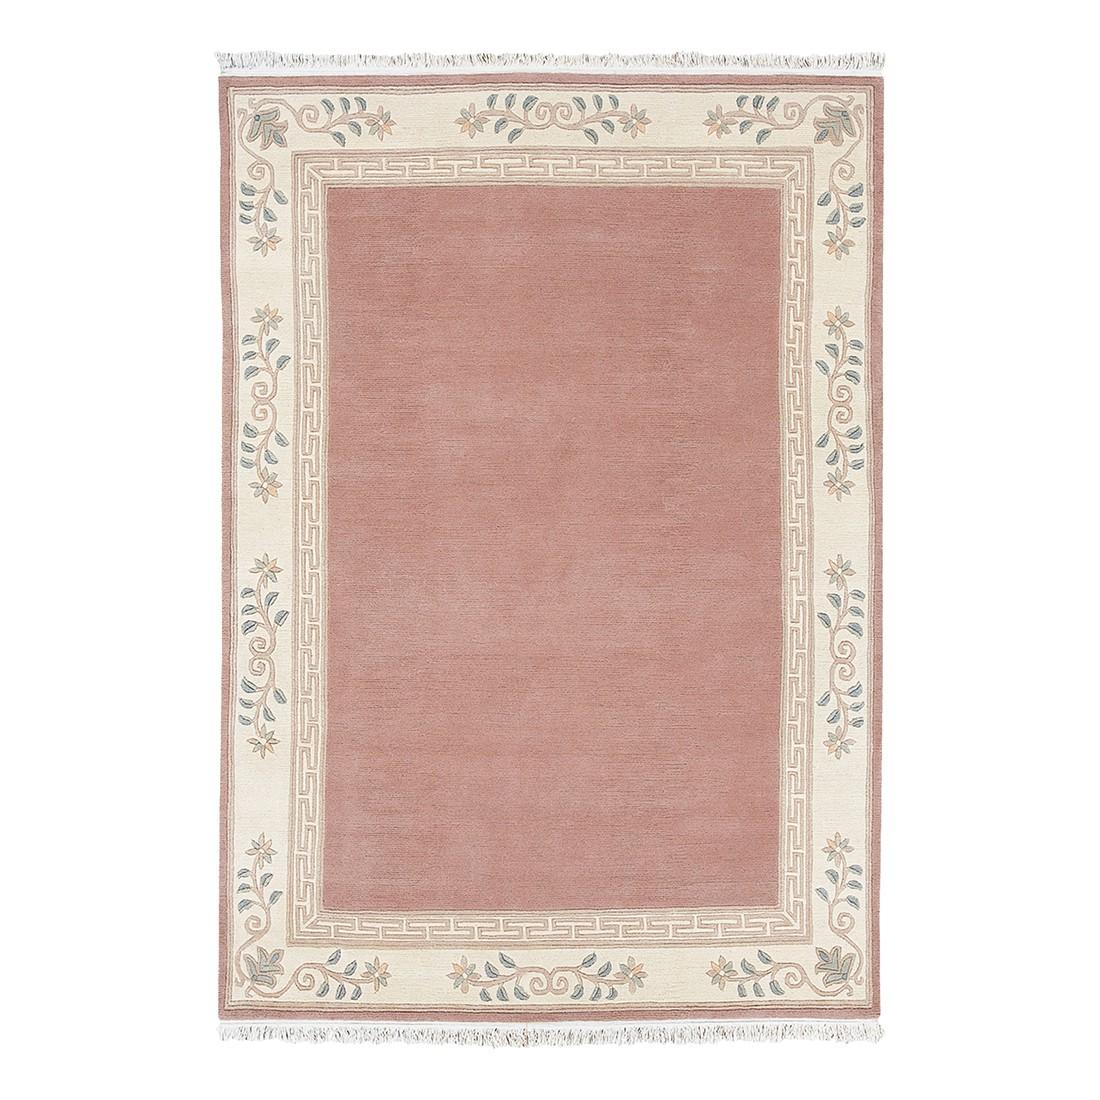 Teppich Floral - AltRosé- 170 x 240 cm, Luxor living